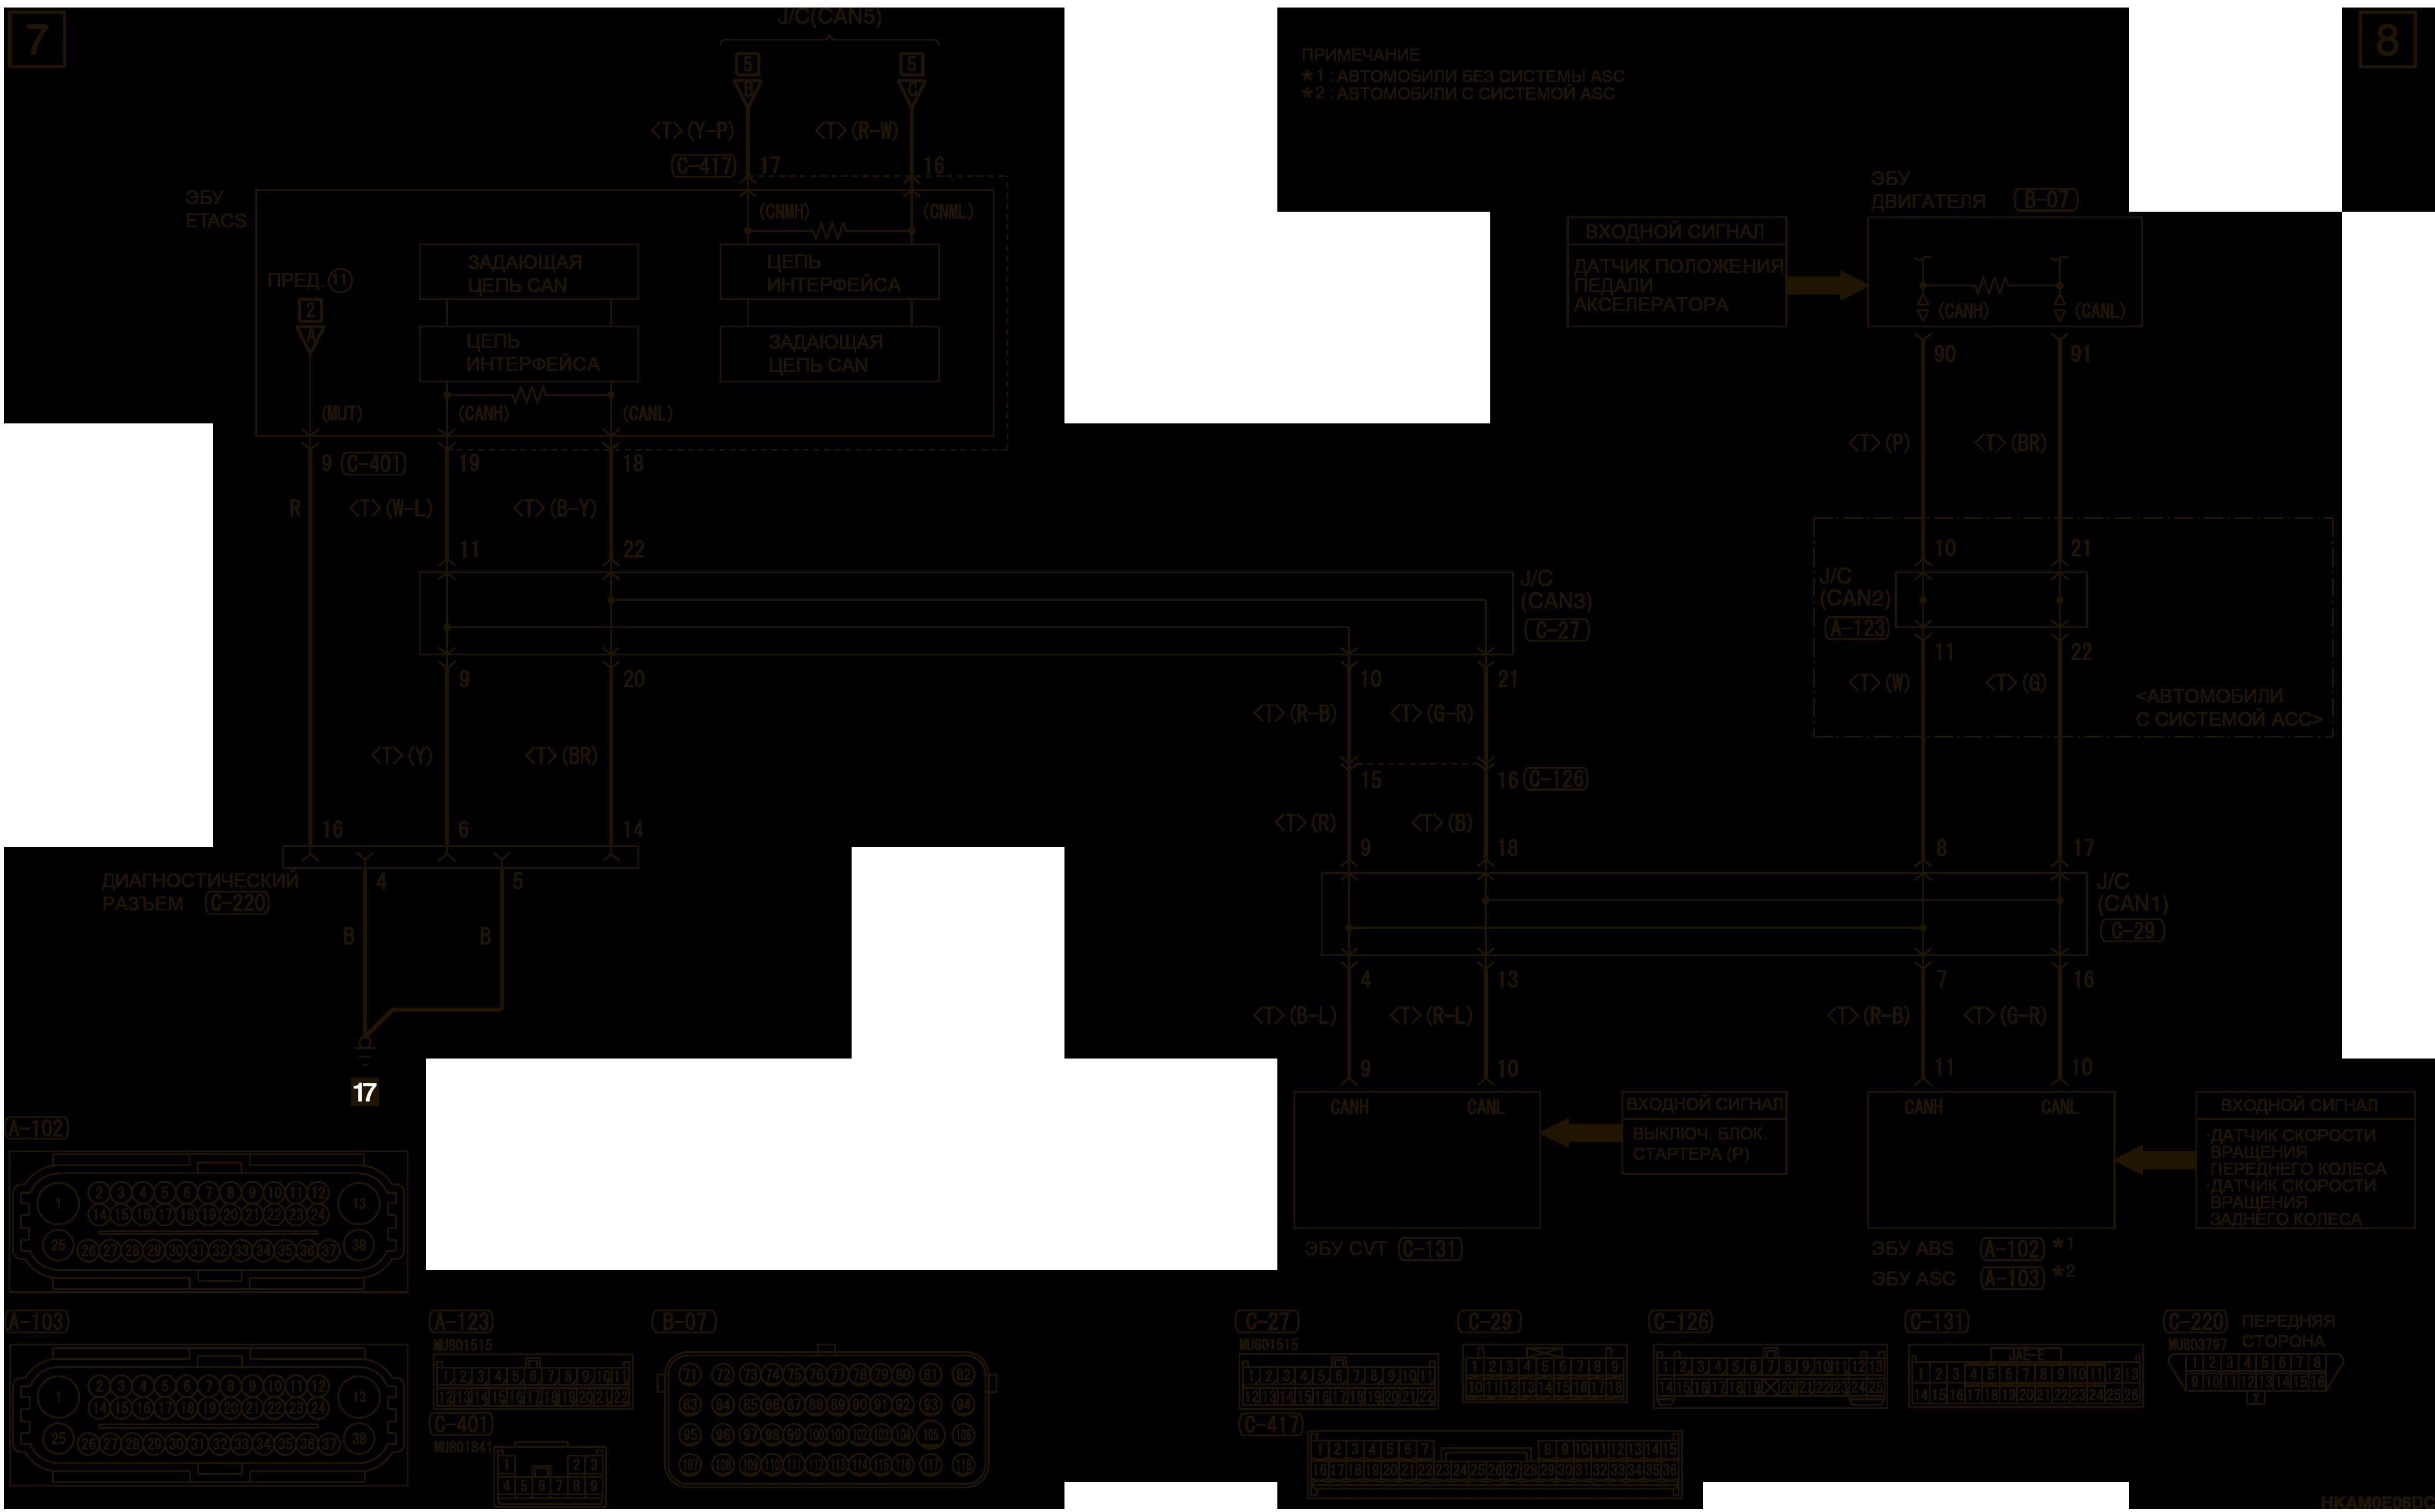 mmc аутлендер 3 2019 электросхемаЭЛЕКТРОПРИВОД ДВЕРИ БАГАЖНОГО ОТДЕЛЕНИЯ ЛЕВОСТОРОННЕЕ УПРАВЛЕНИЕ